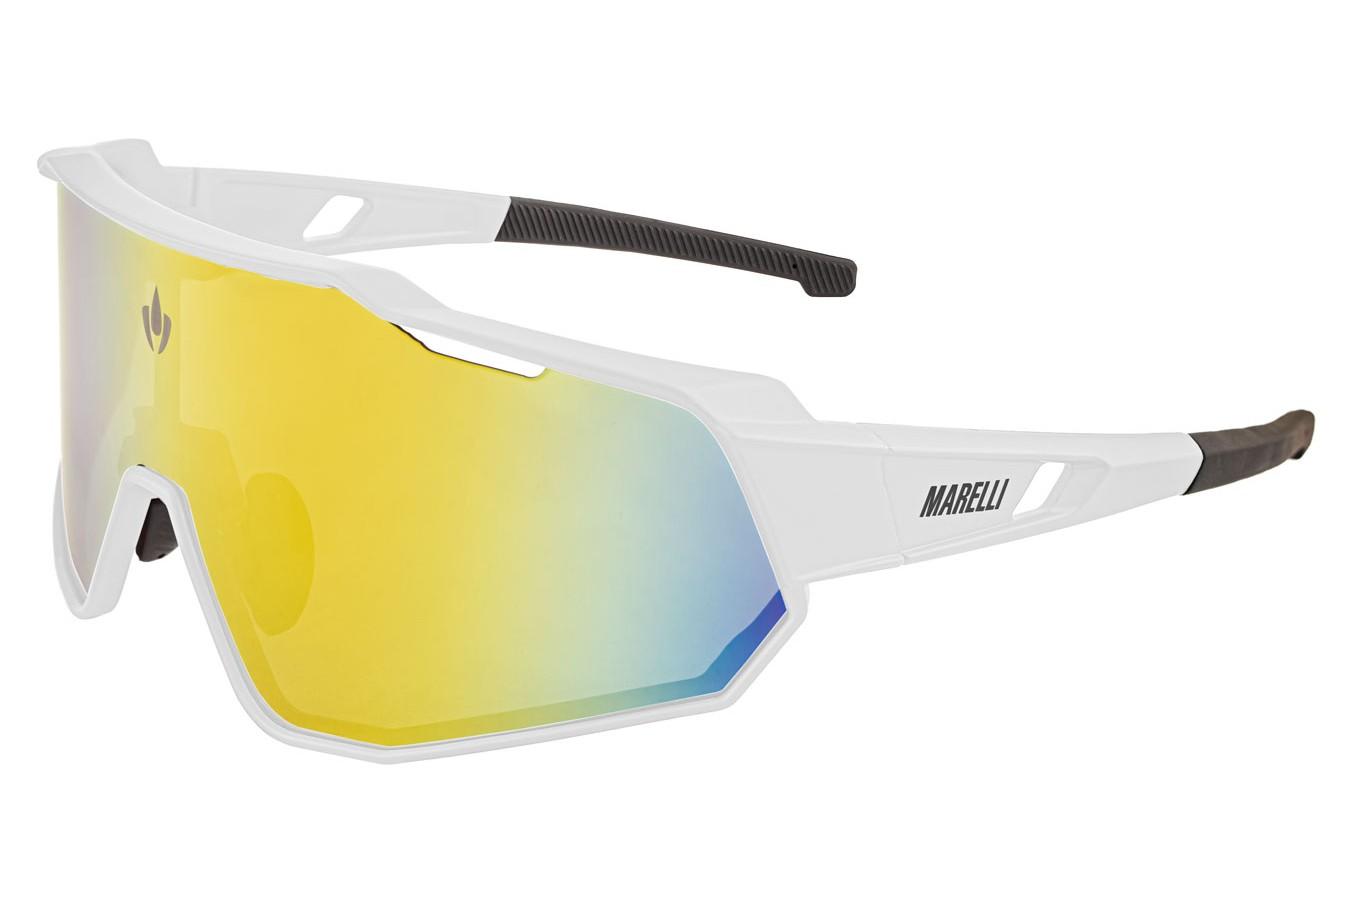 Óculos de ciclismo Veloce 3 lentes branco - Marelli